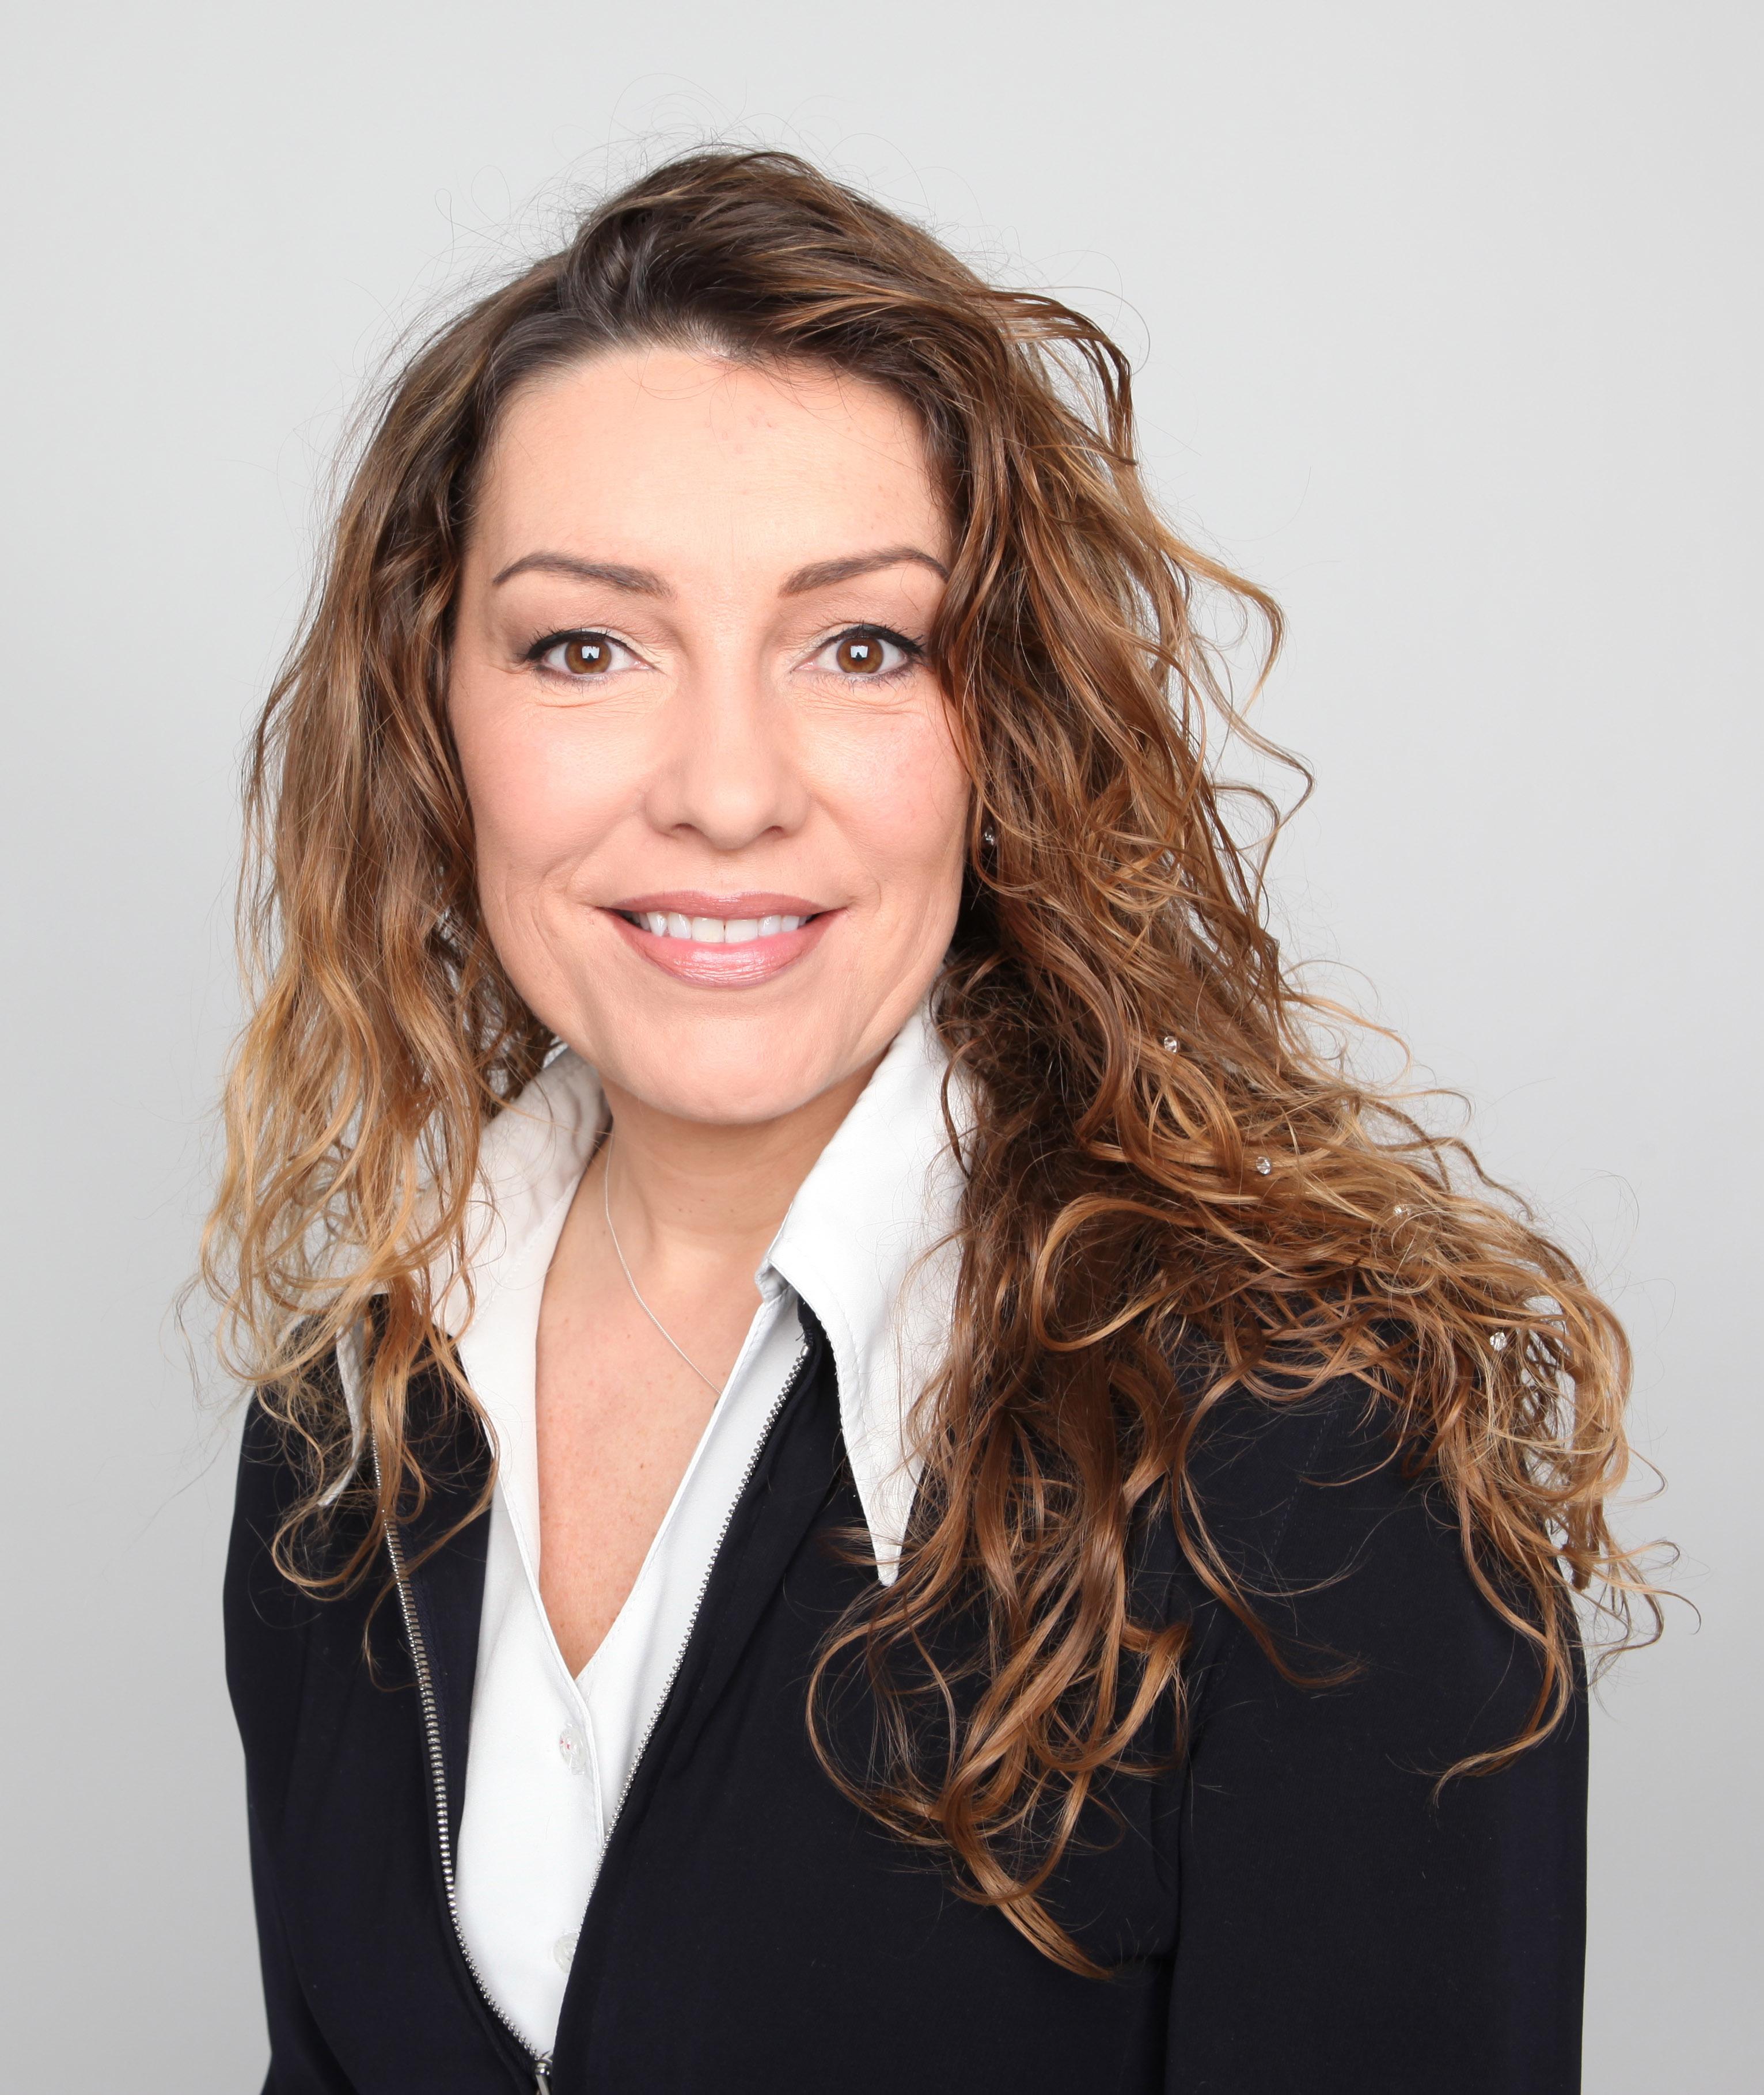 Karin Fraunfelder